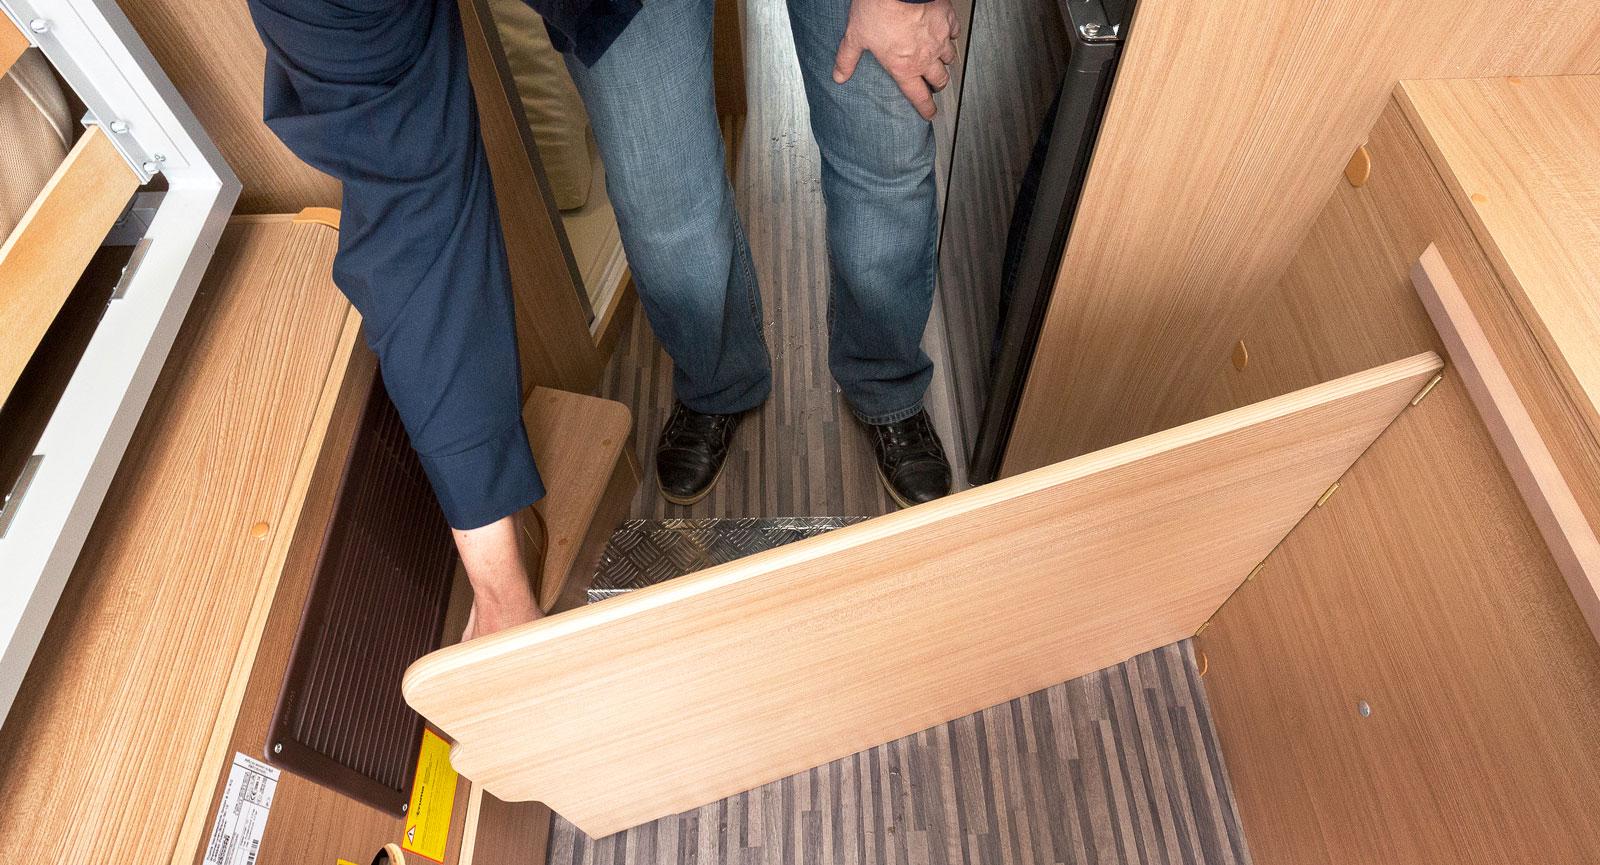 När bädden är nedsänkt kan bagageutrymmet stängas med denna enkla vridbara skiva vilket håller lasten på mattan.